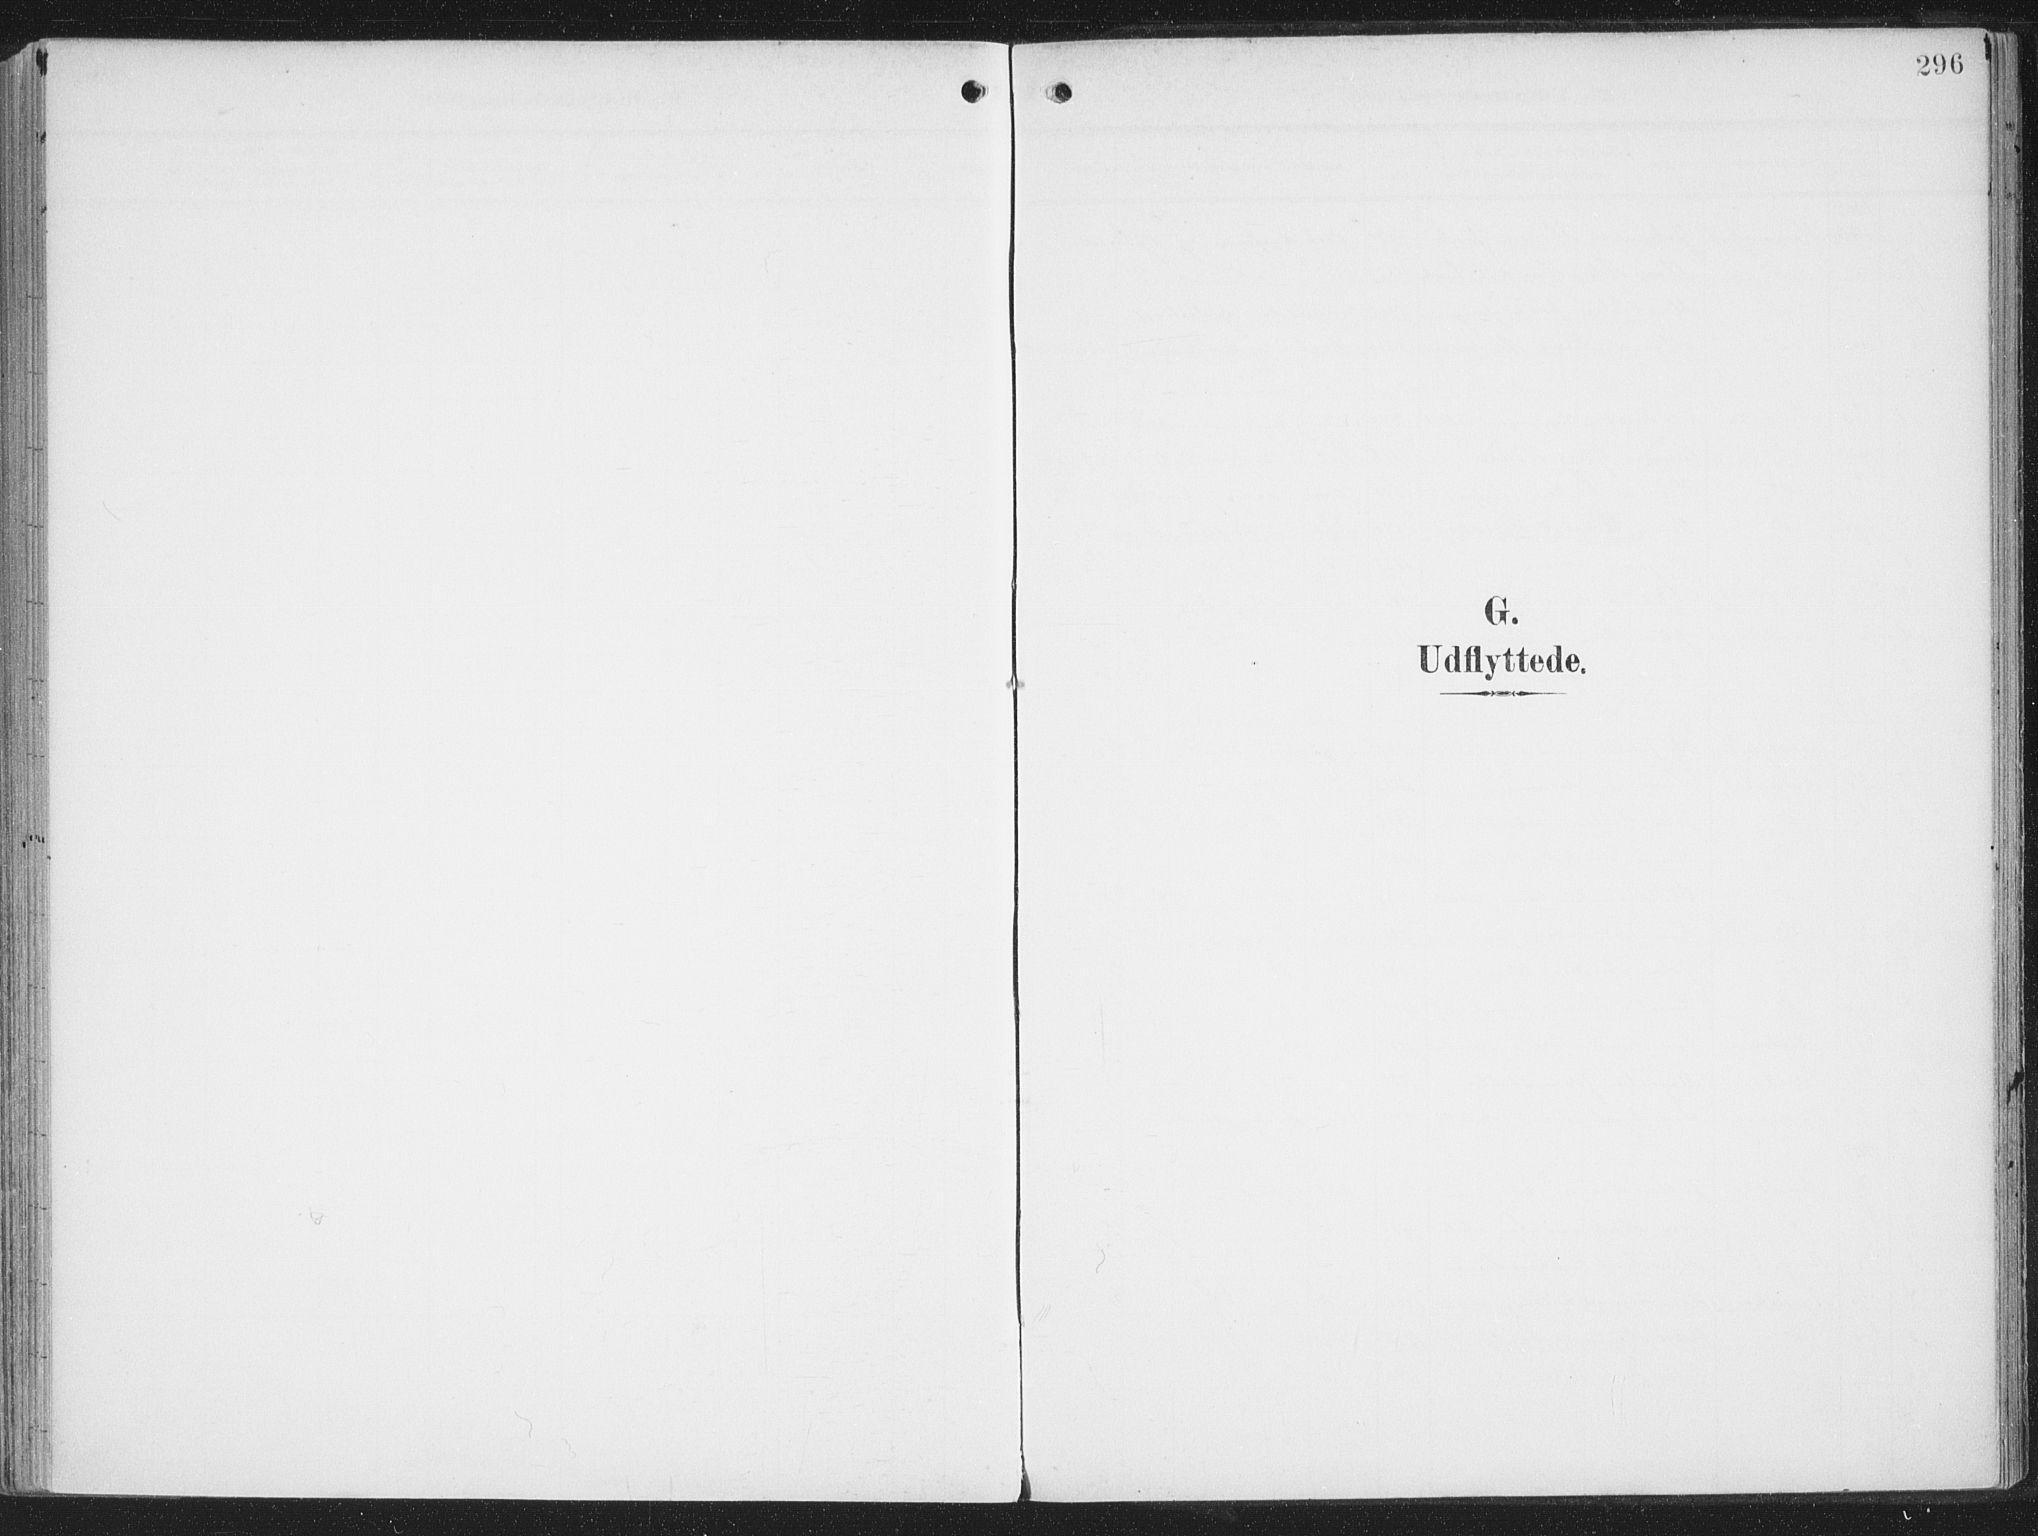 SATØ, Alta sokneprestembete, Ministerialbok nr. 5, 1904-1918, s. 296